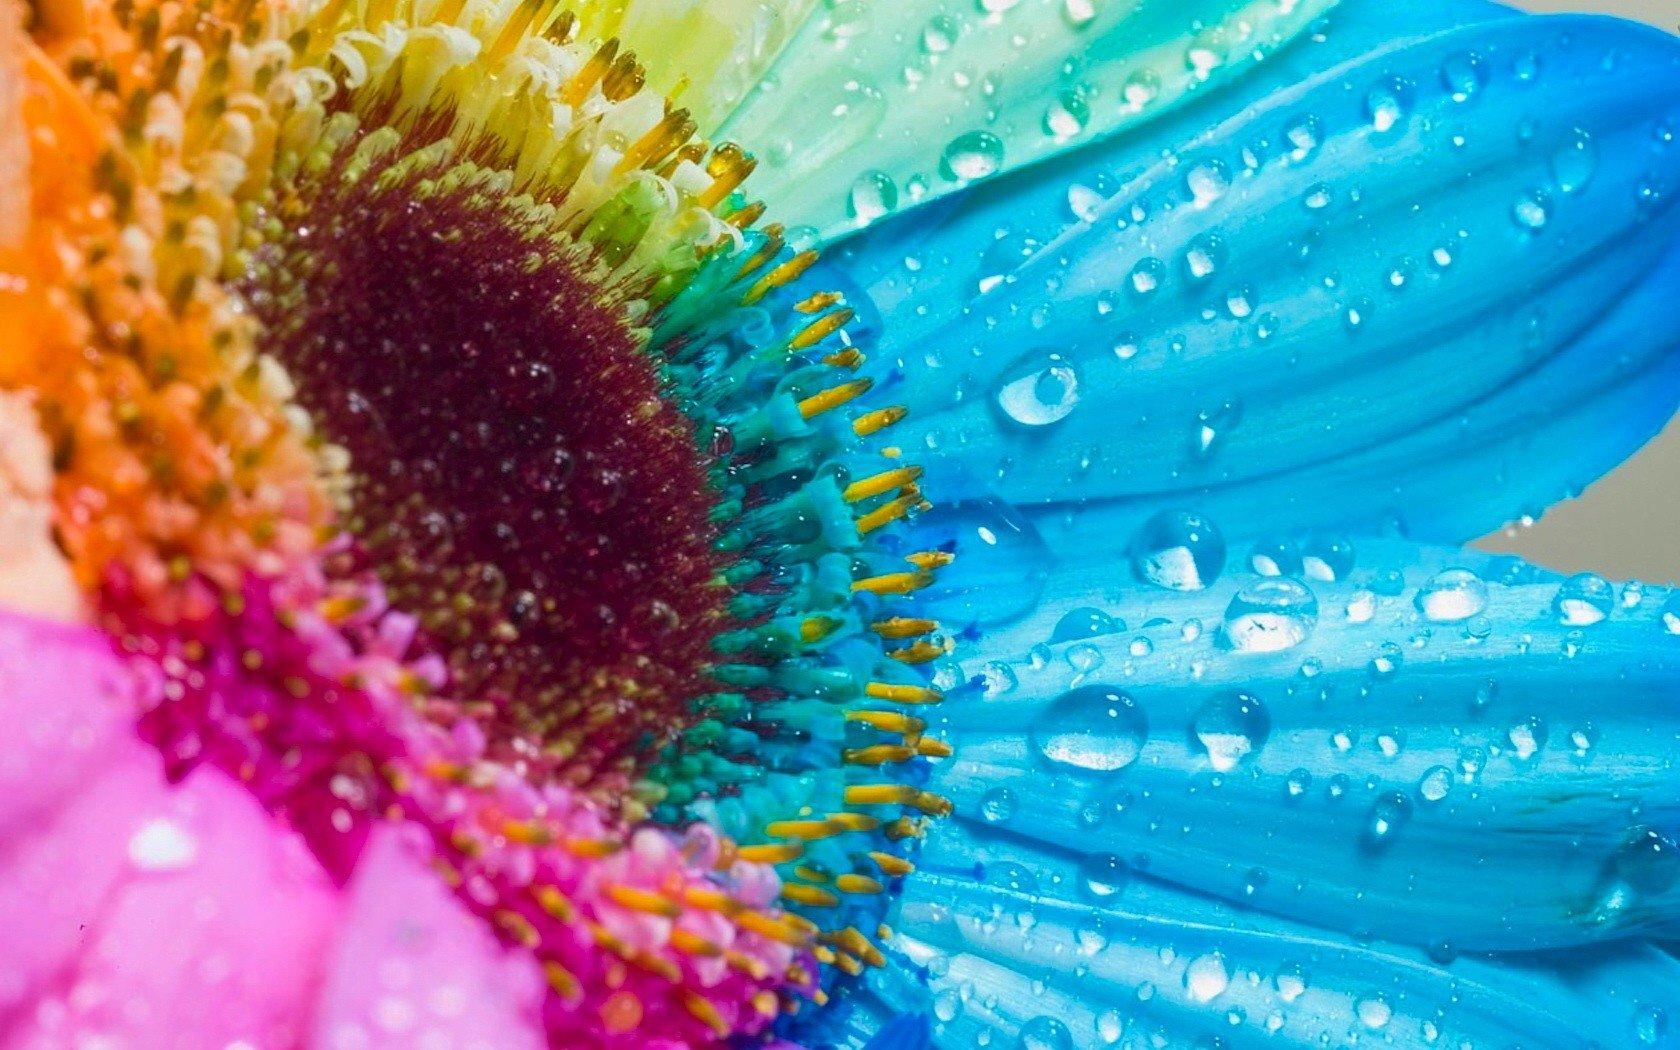 красивые картинки на аву растения плавает ныряет, может